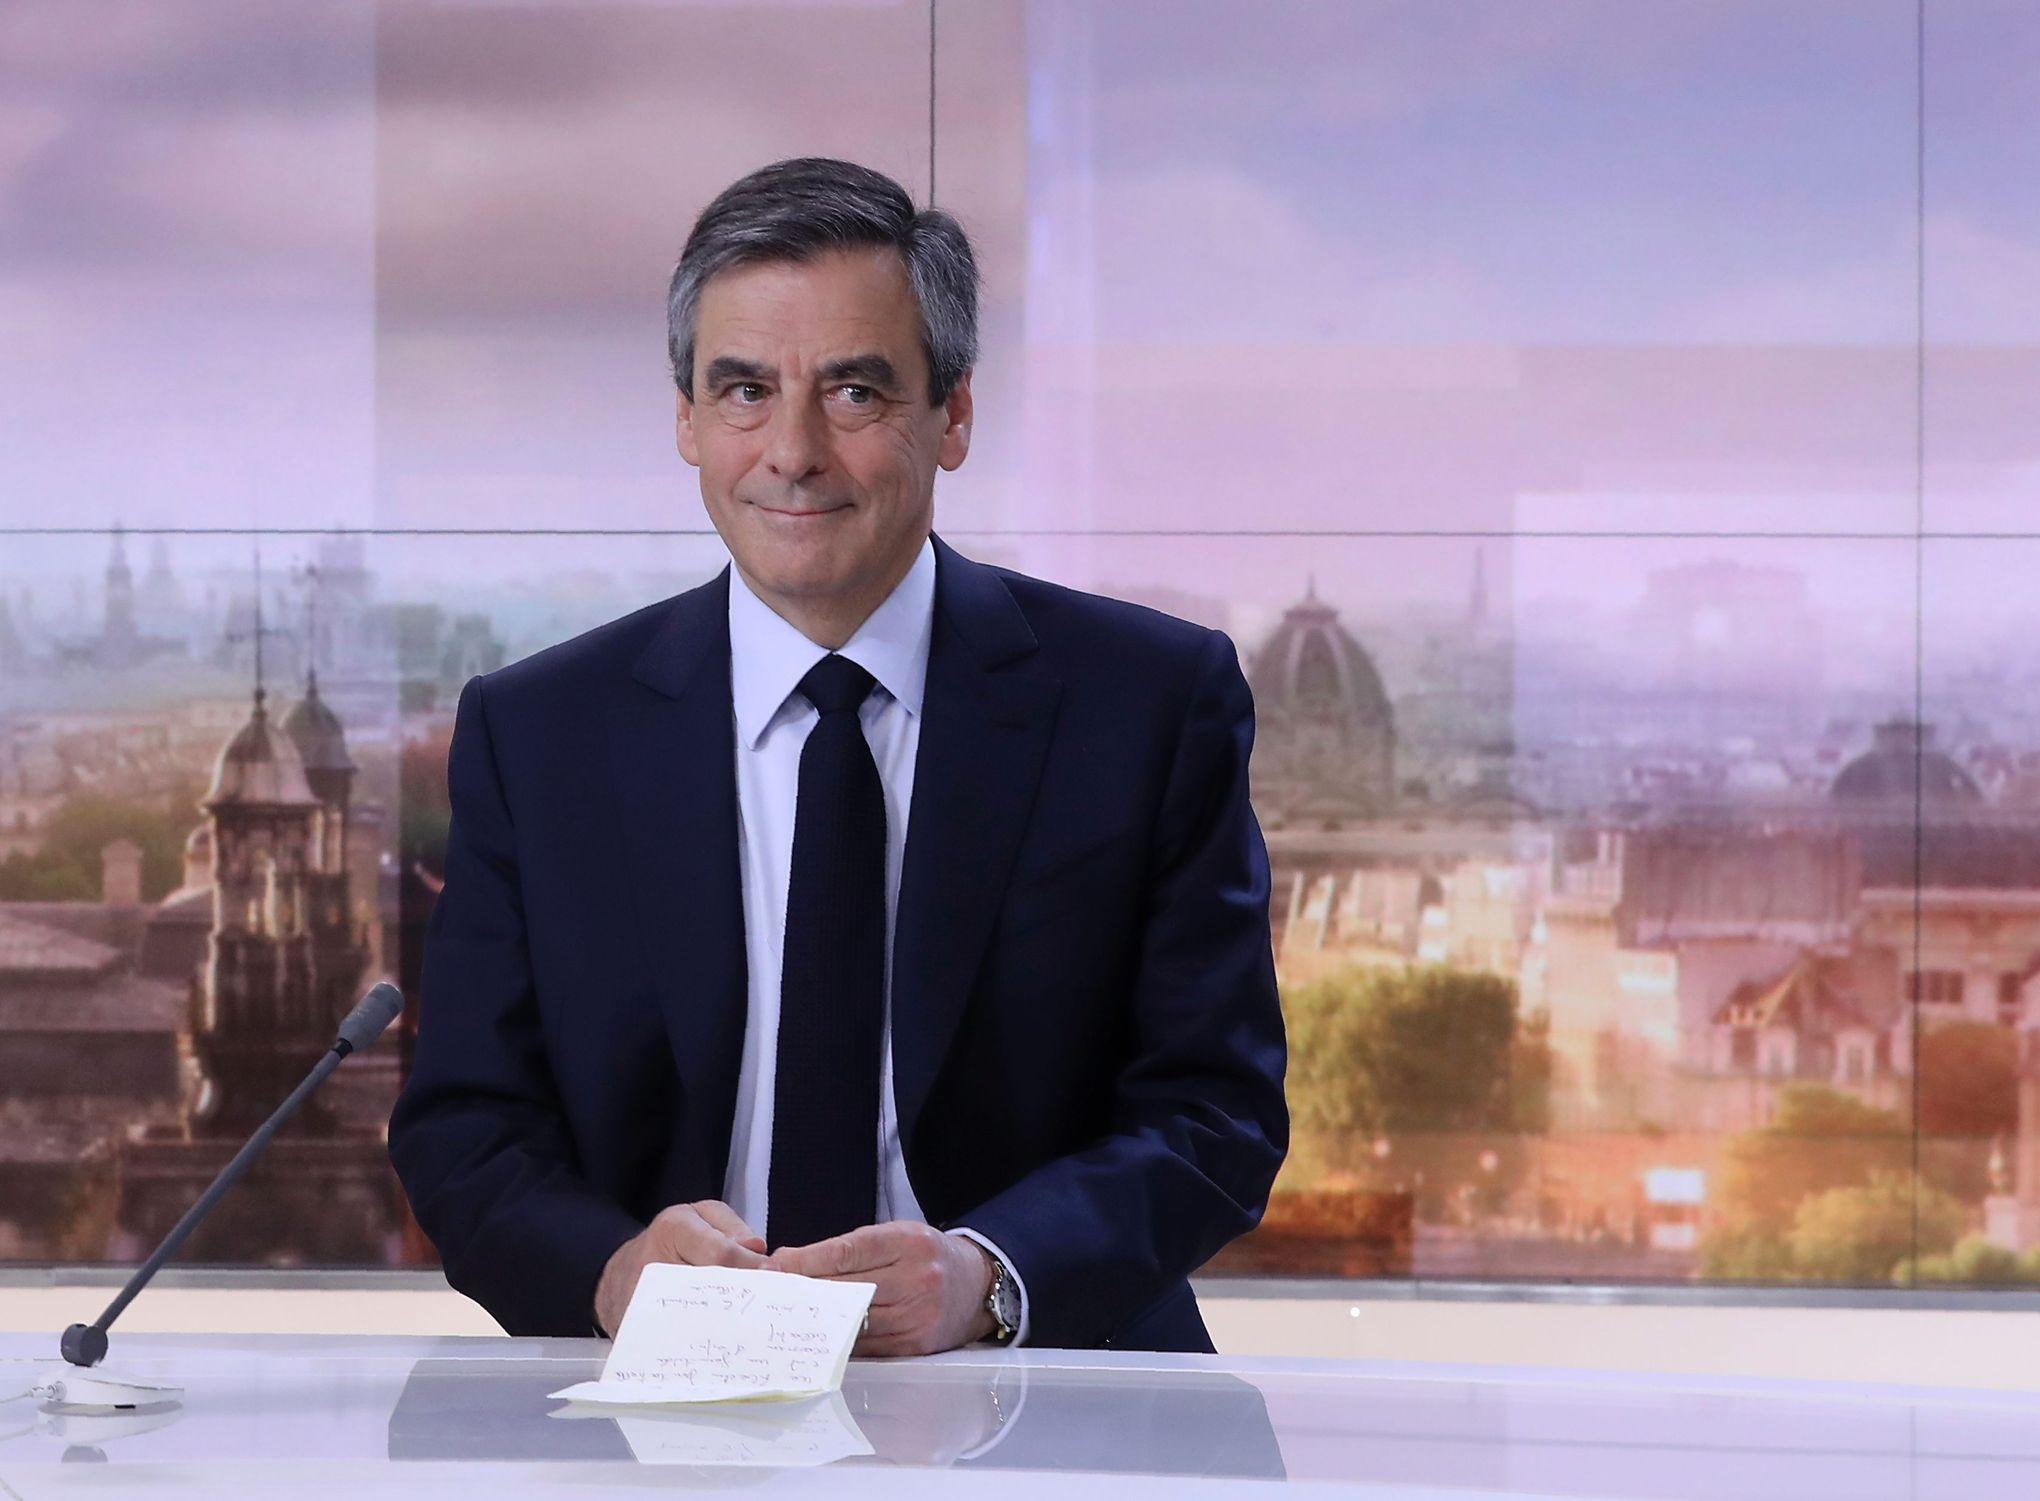 c9894ca520cd62 Le CSA pointe en février un temps de parole «anormalement élevé» de  François Fillon